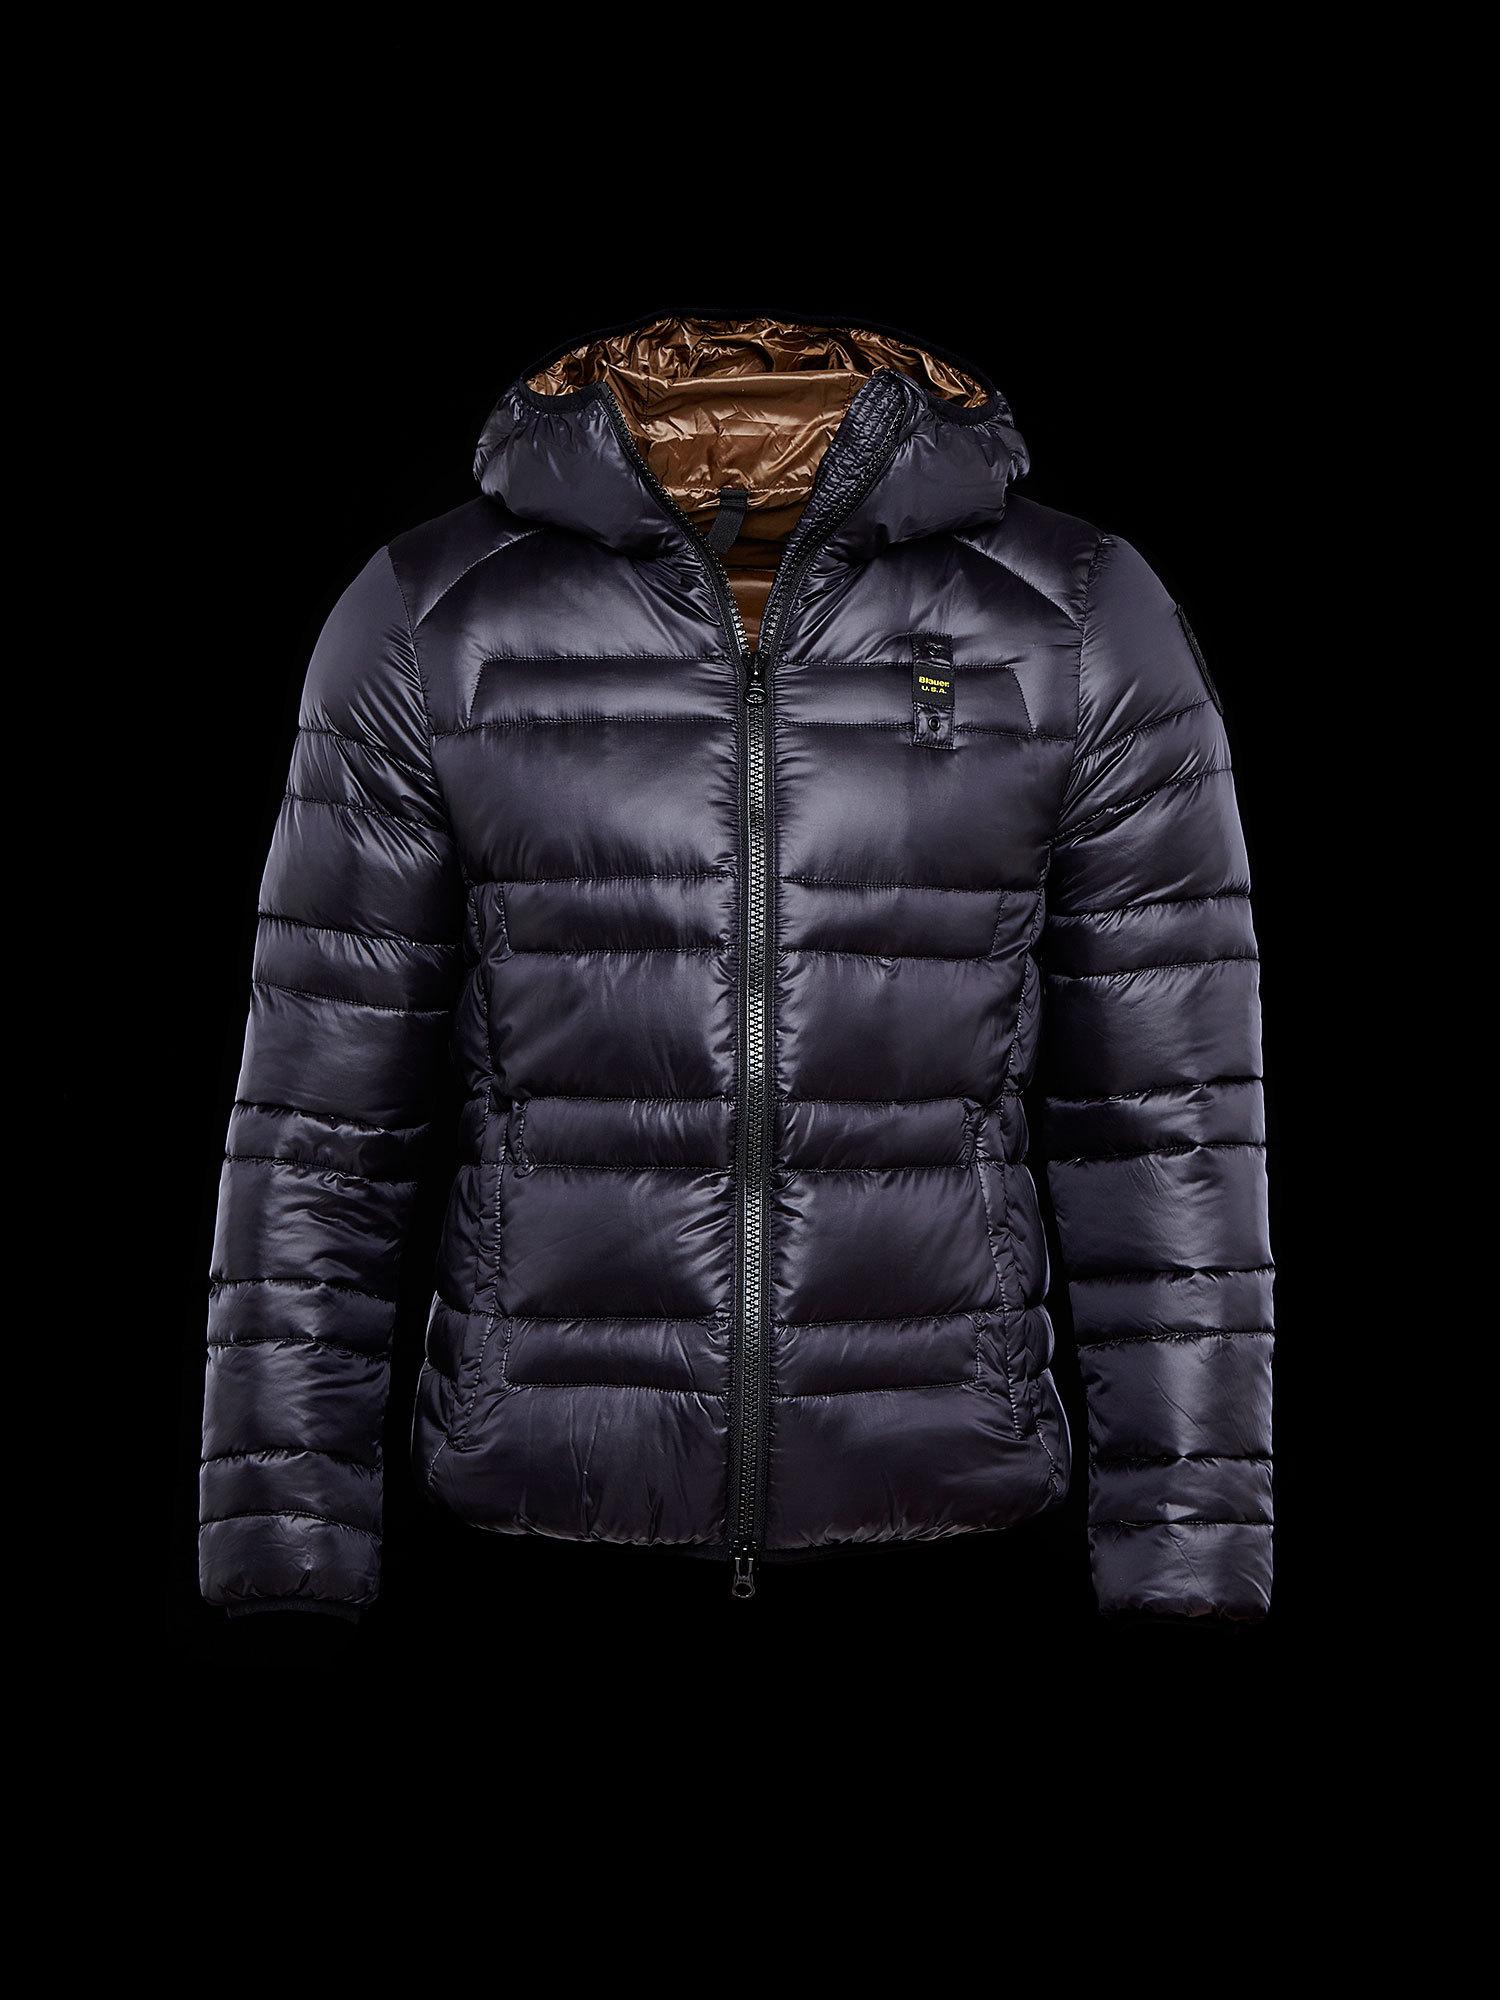 size 40 d0f0a 964b9 Piumino Blauer 100 grammi con cappuccio | Abbigliamento uomo ...